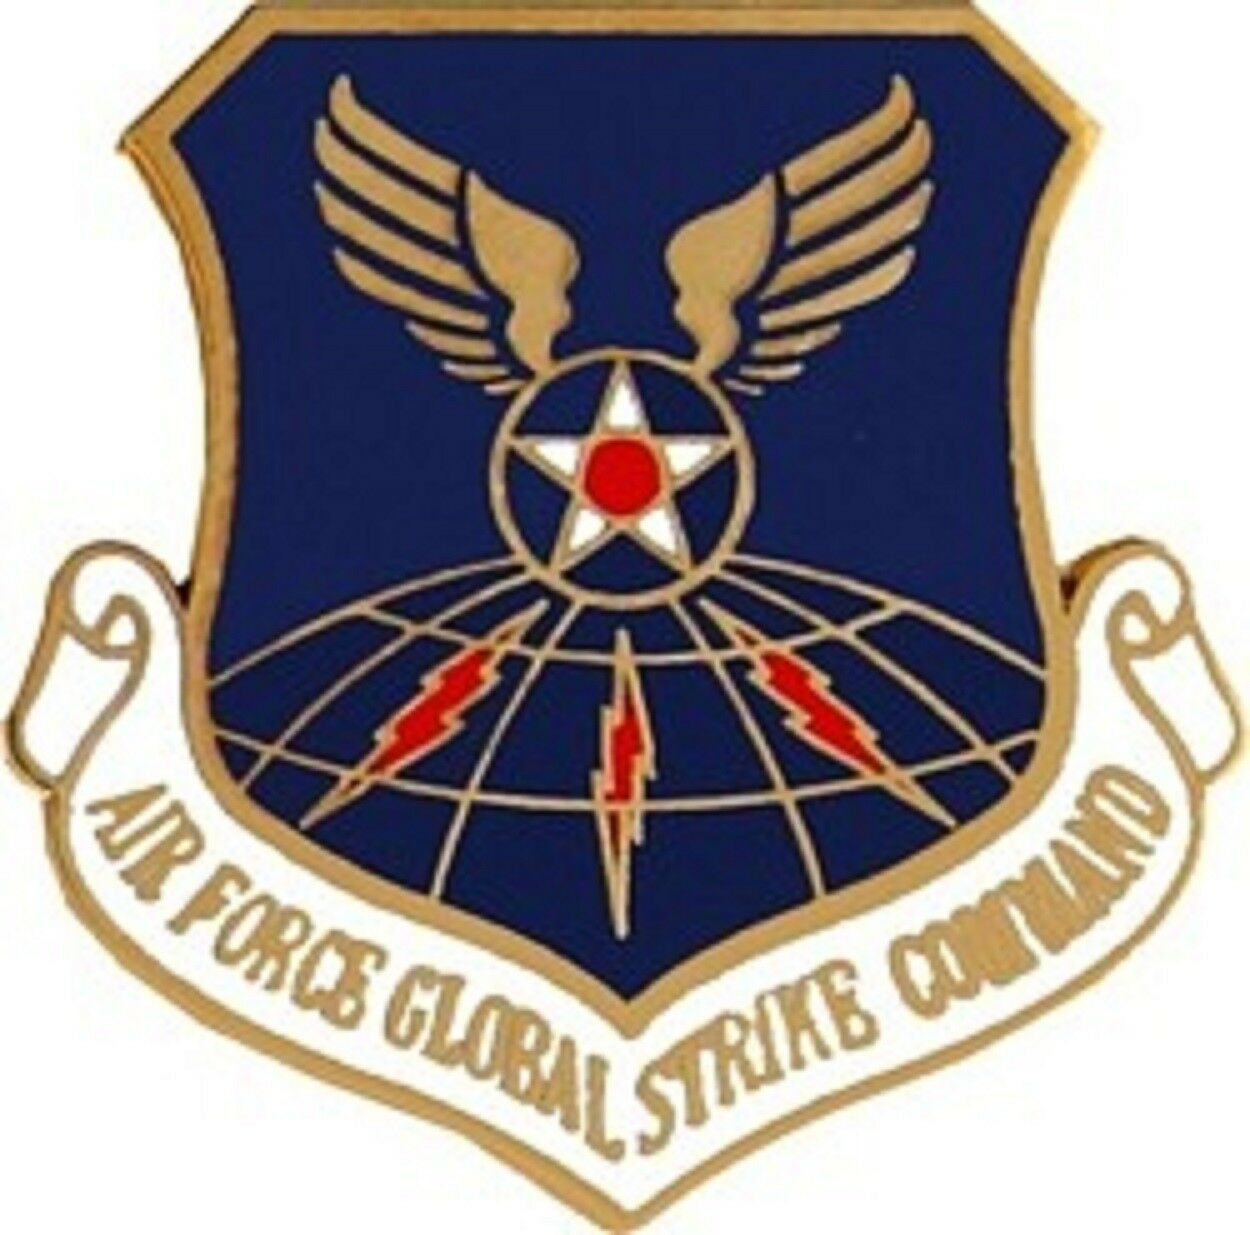 Air Force Global Strike Command